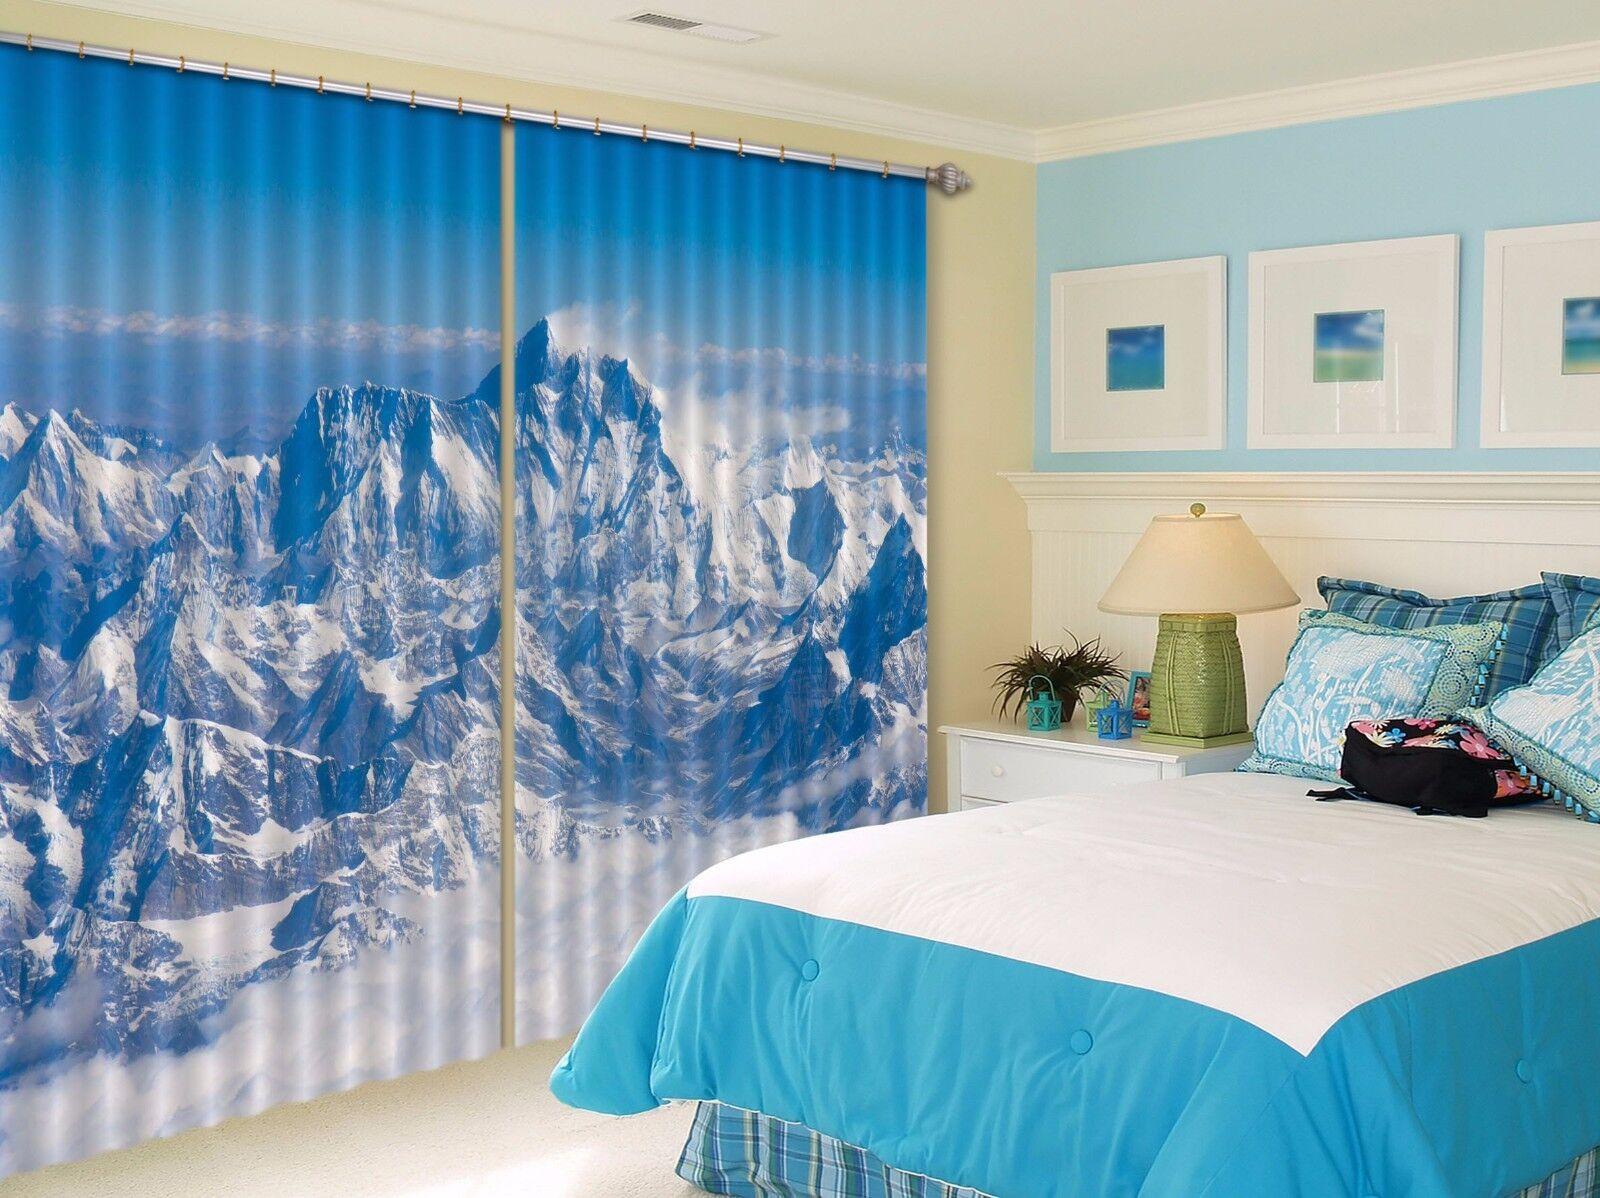 Montaña 3D 977 Cortinas de impresión de cortina de foto Blockout Tela Cortinas Ventana Reino Unido